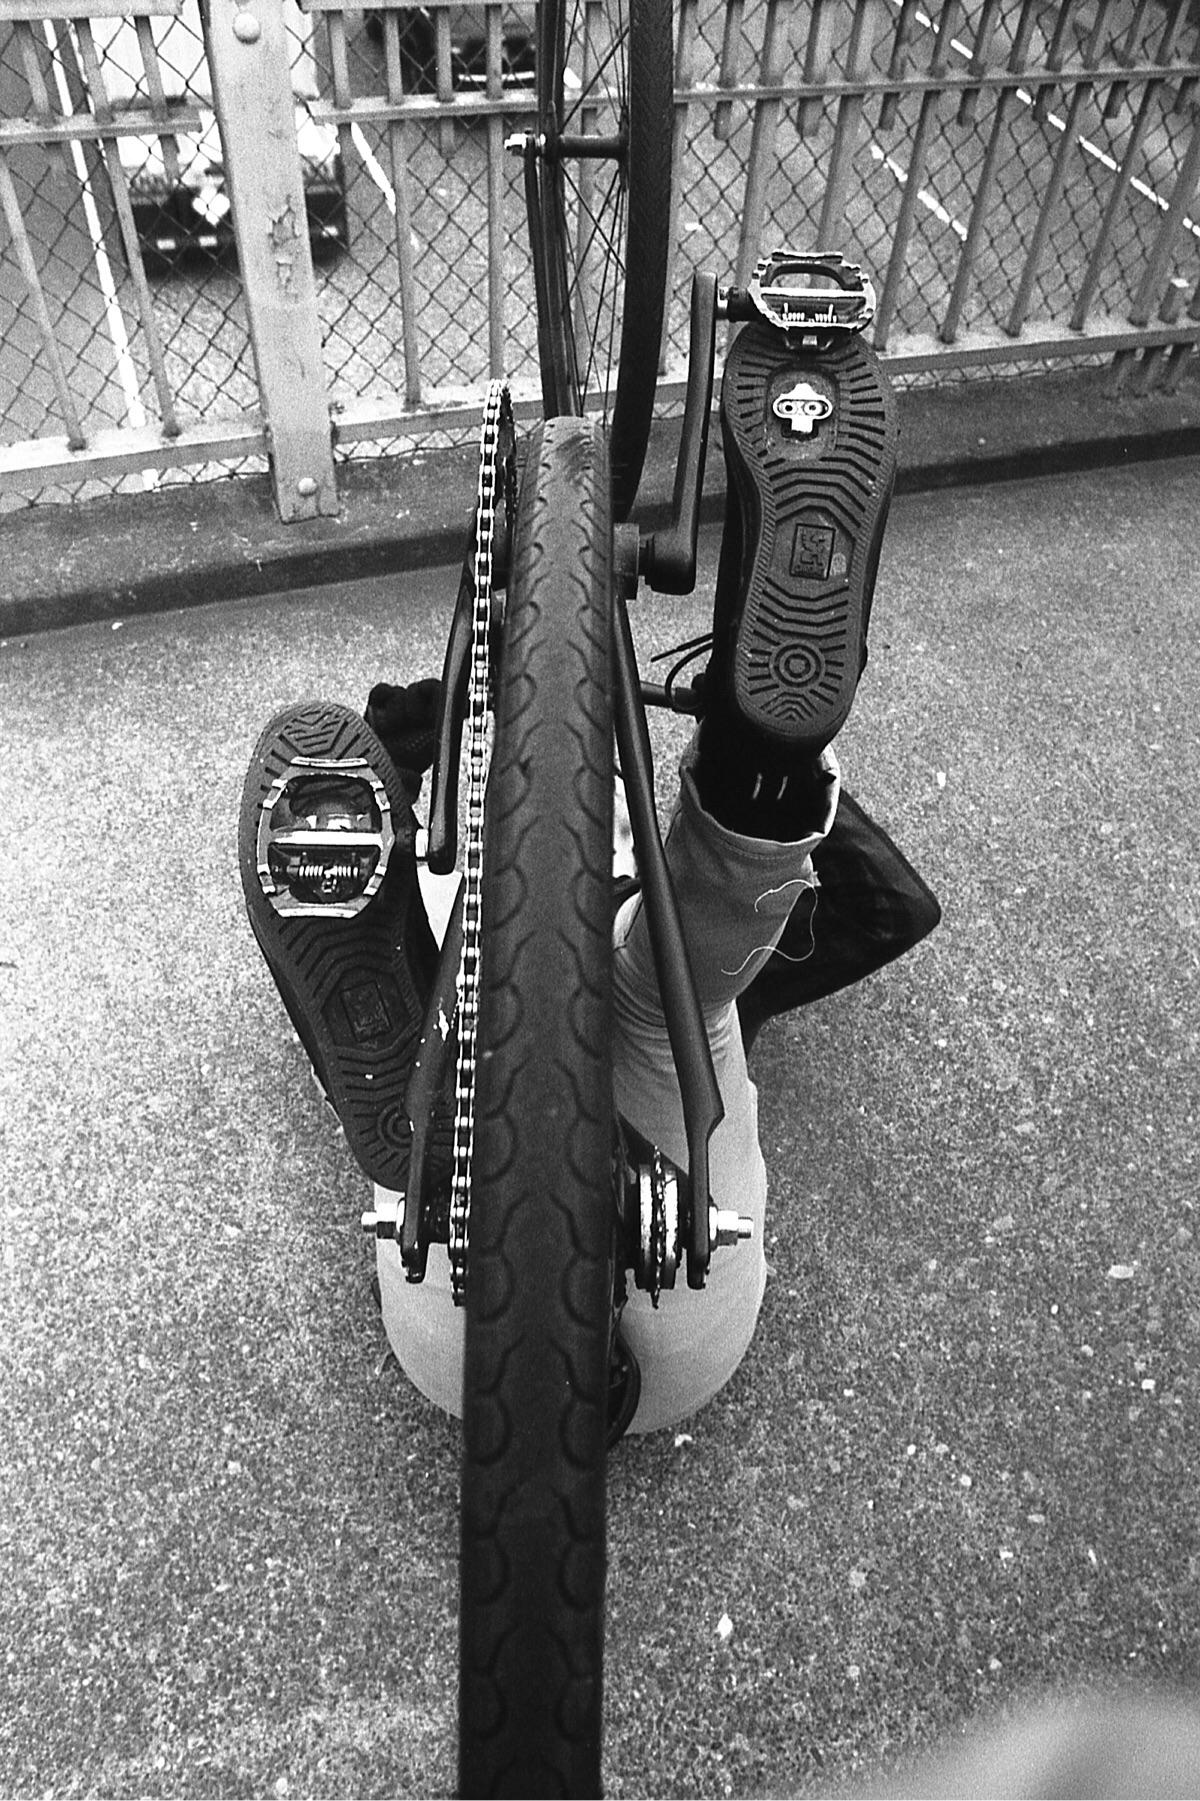 fixie, fixedgear, track, aventon - xandermarrowphotography | ello